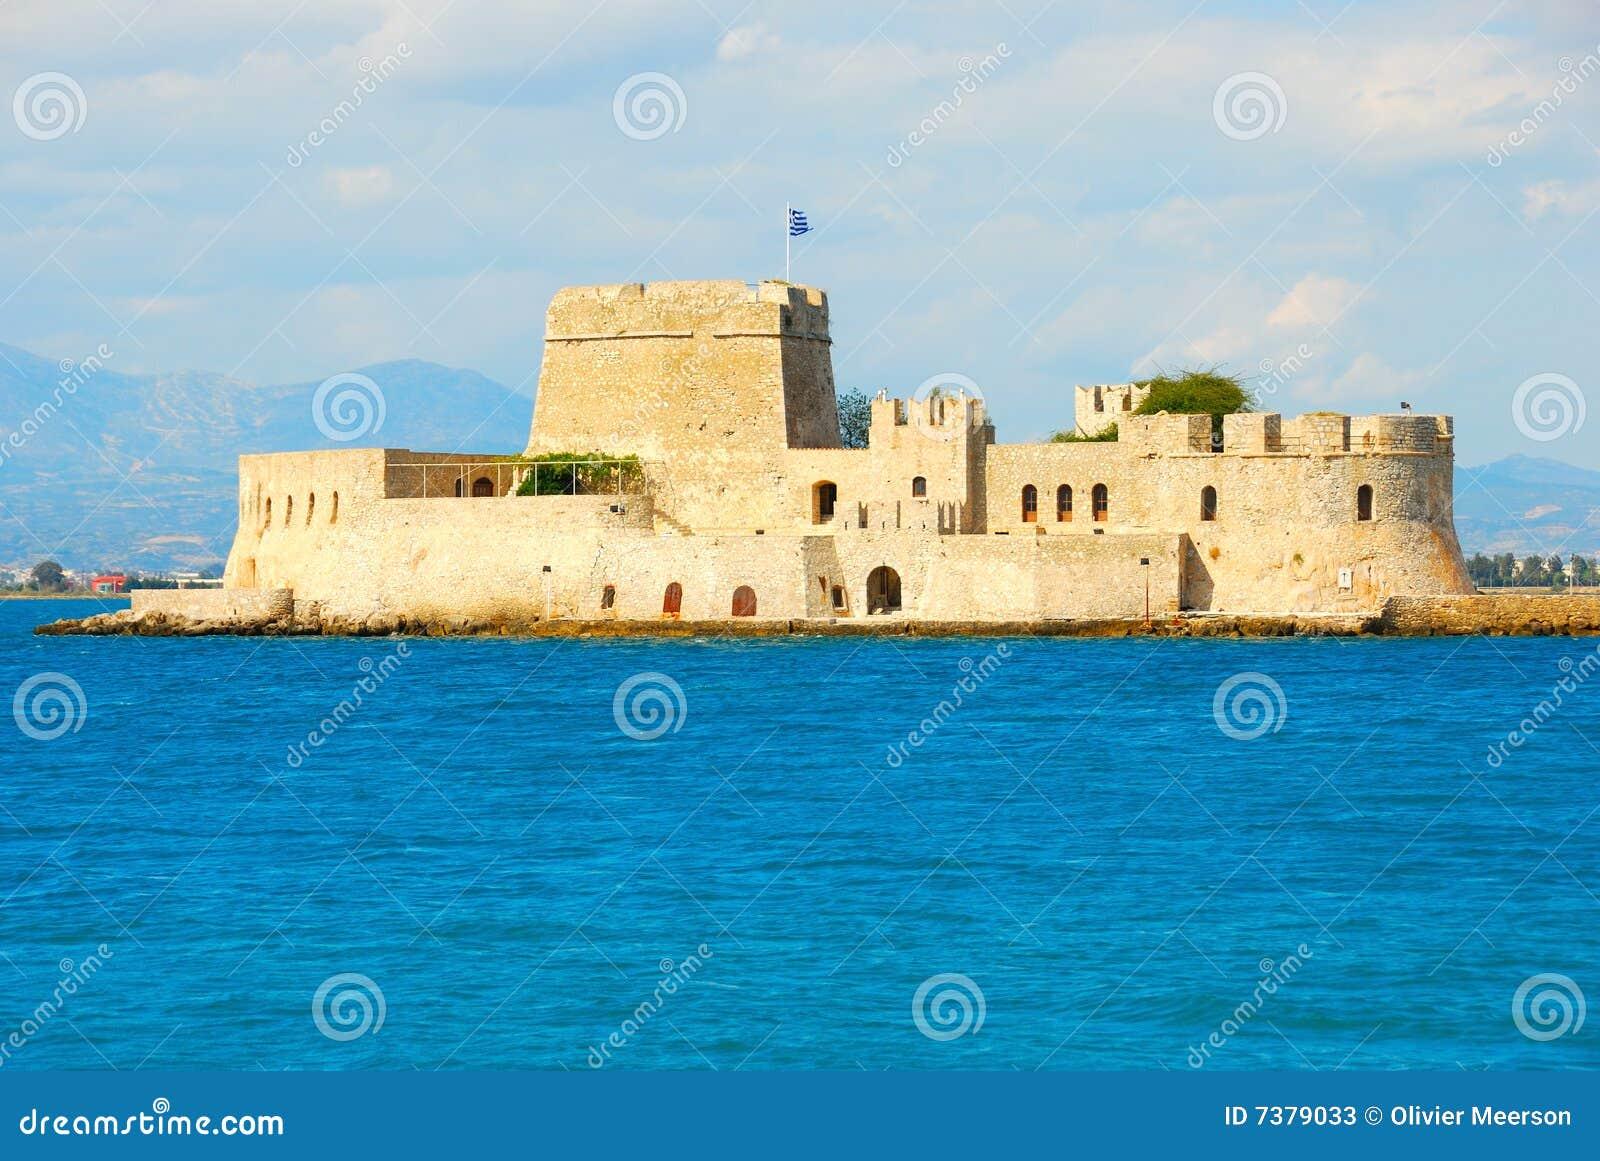 Bourtzi castle, greece